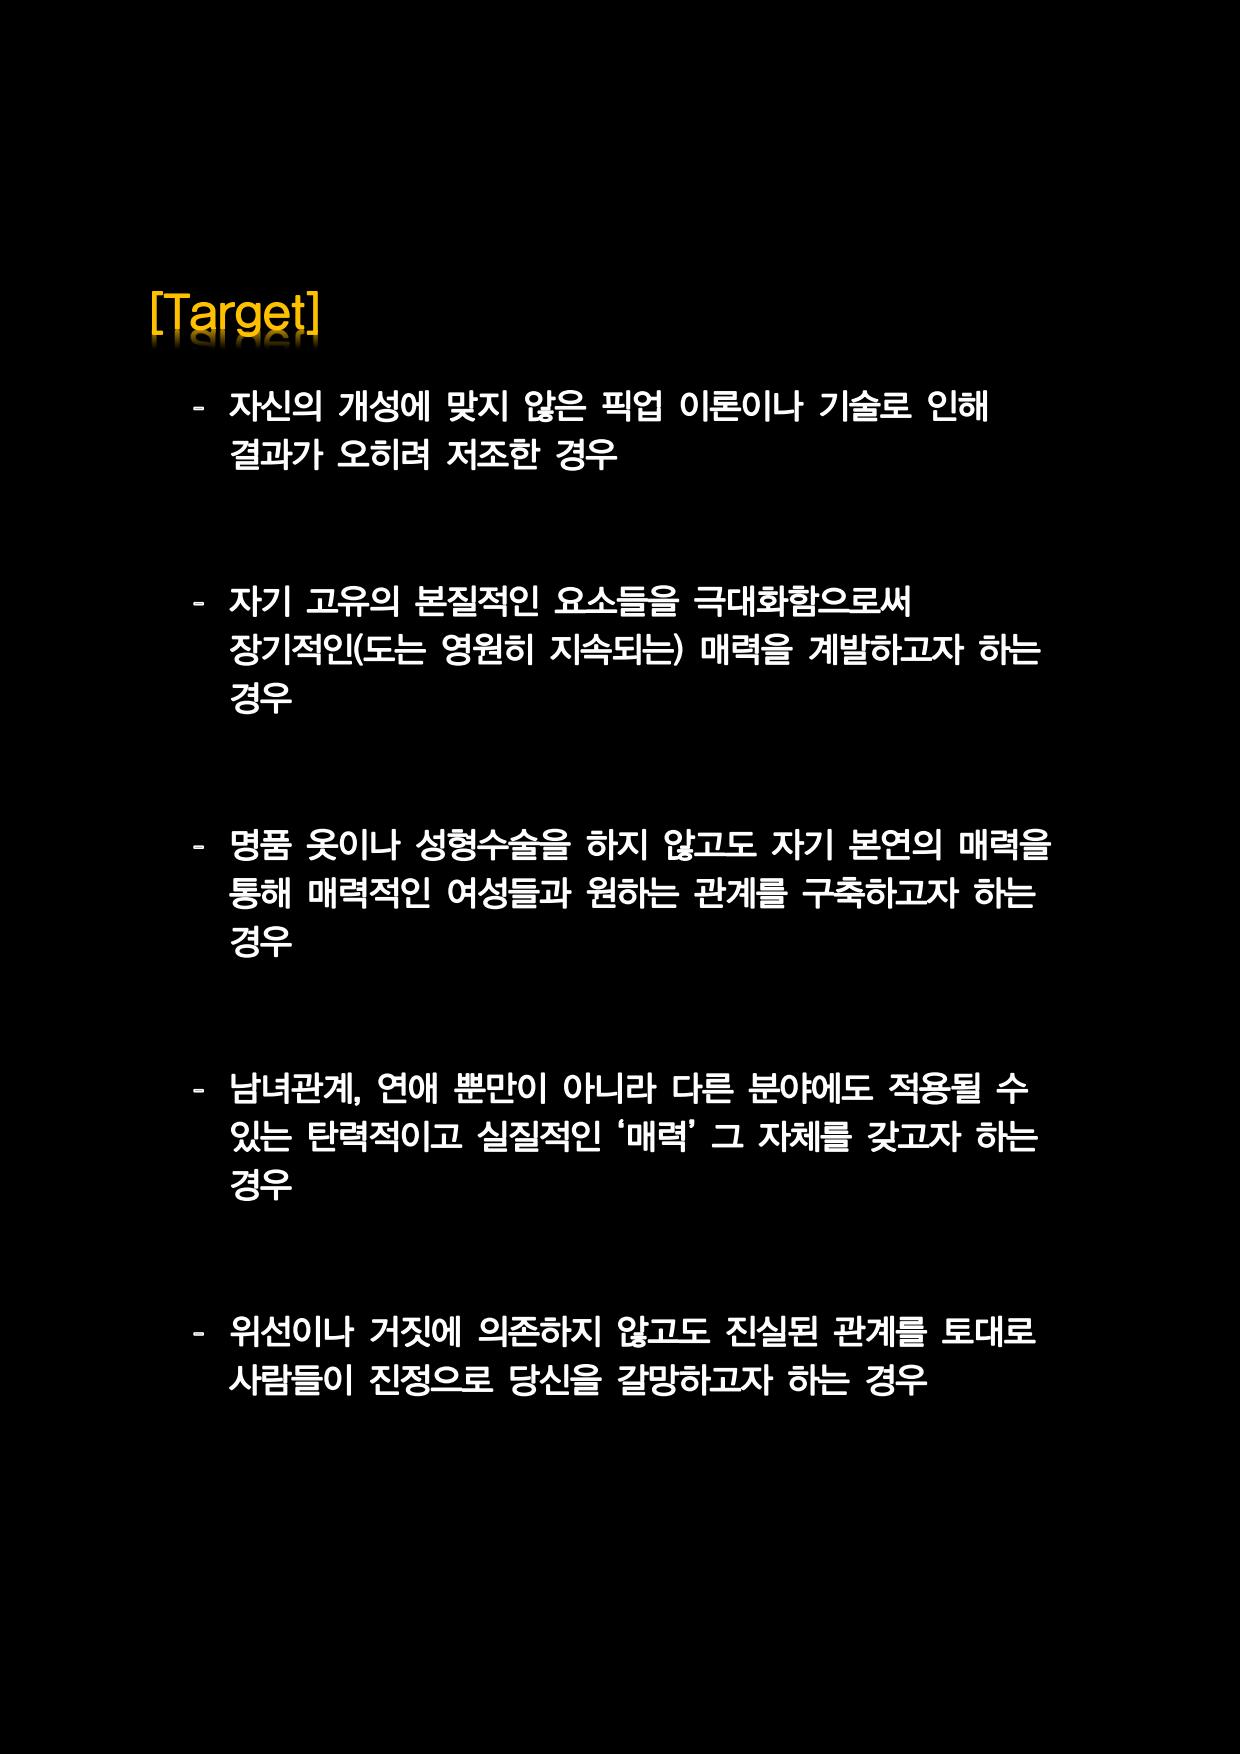 본 머티리어 1회차 홍보글(폰트 포함)_08.png